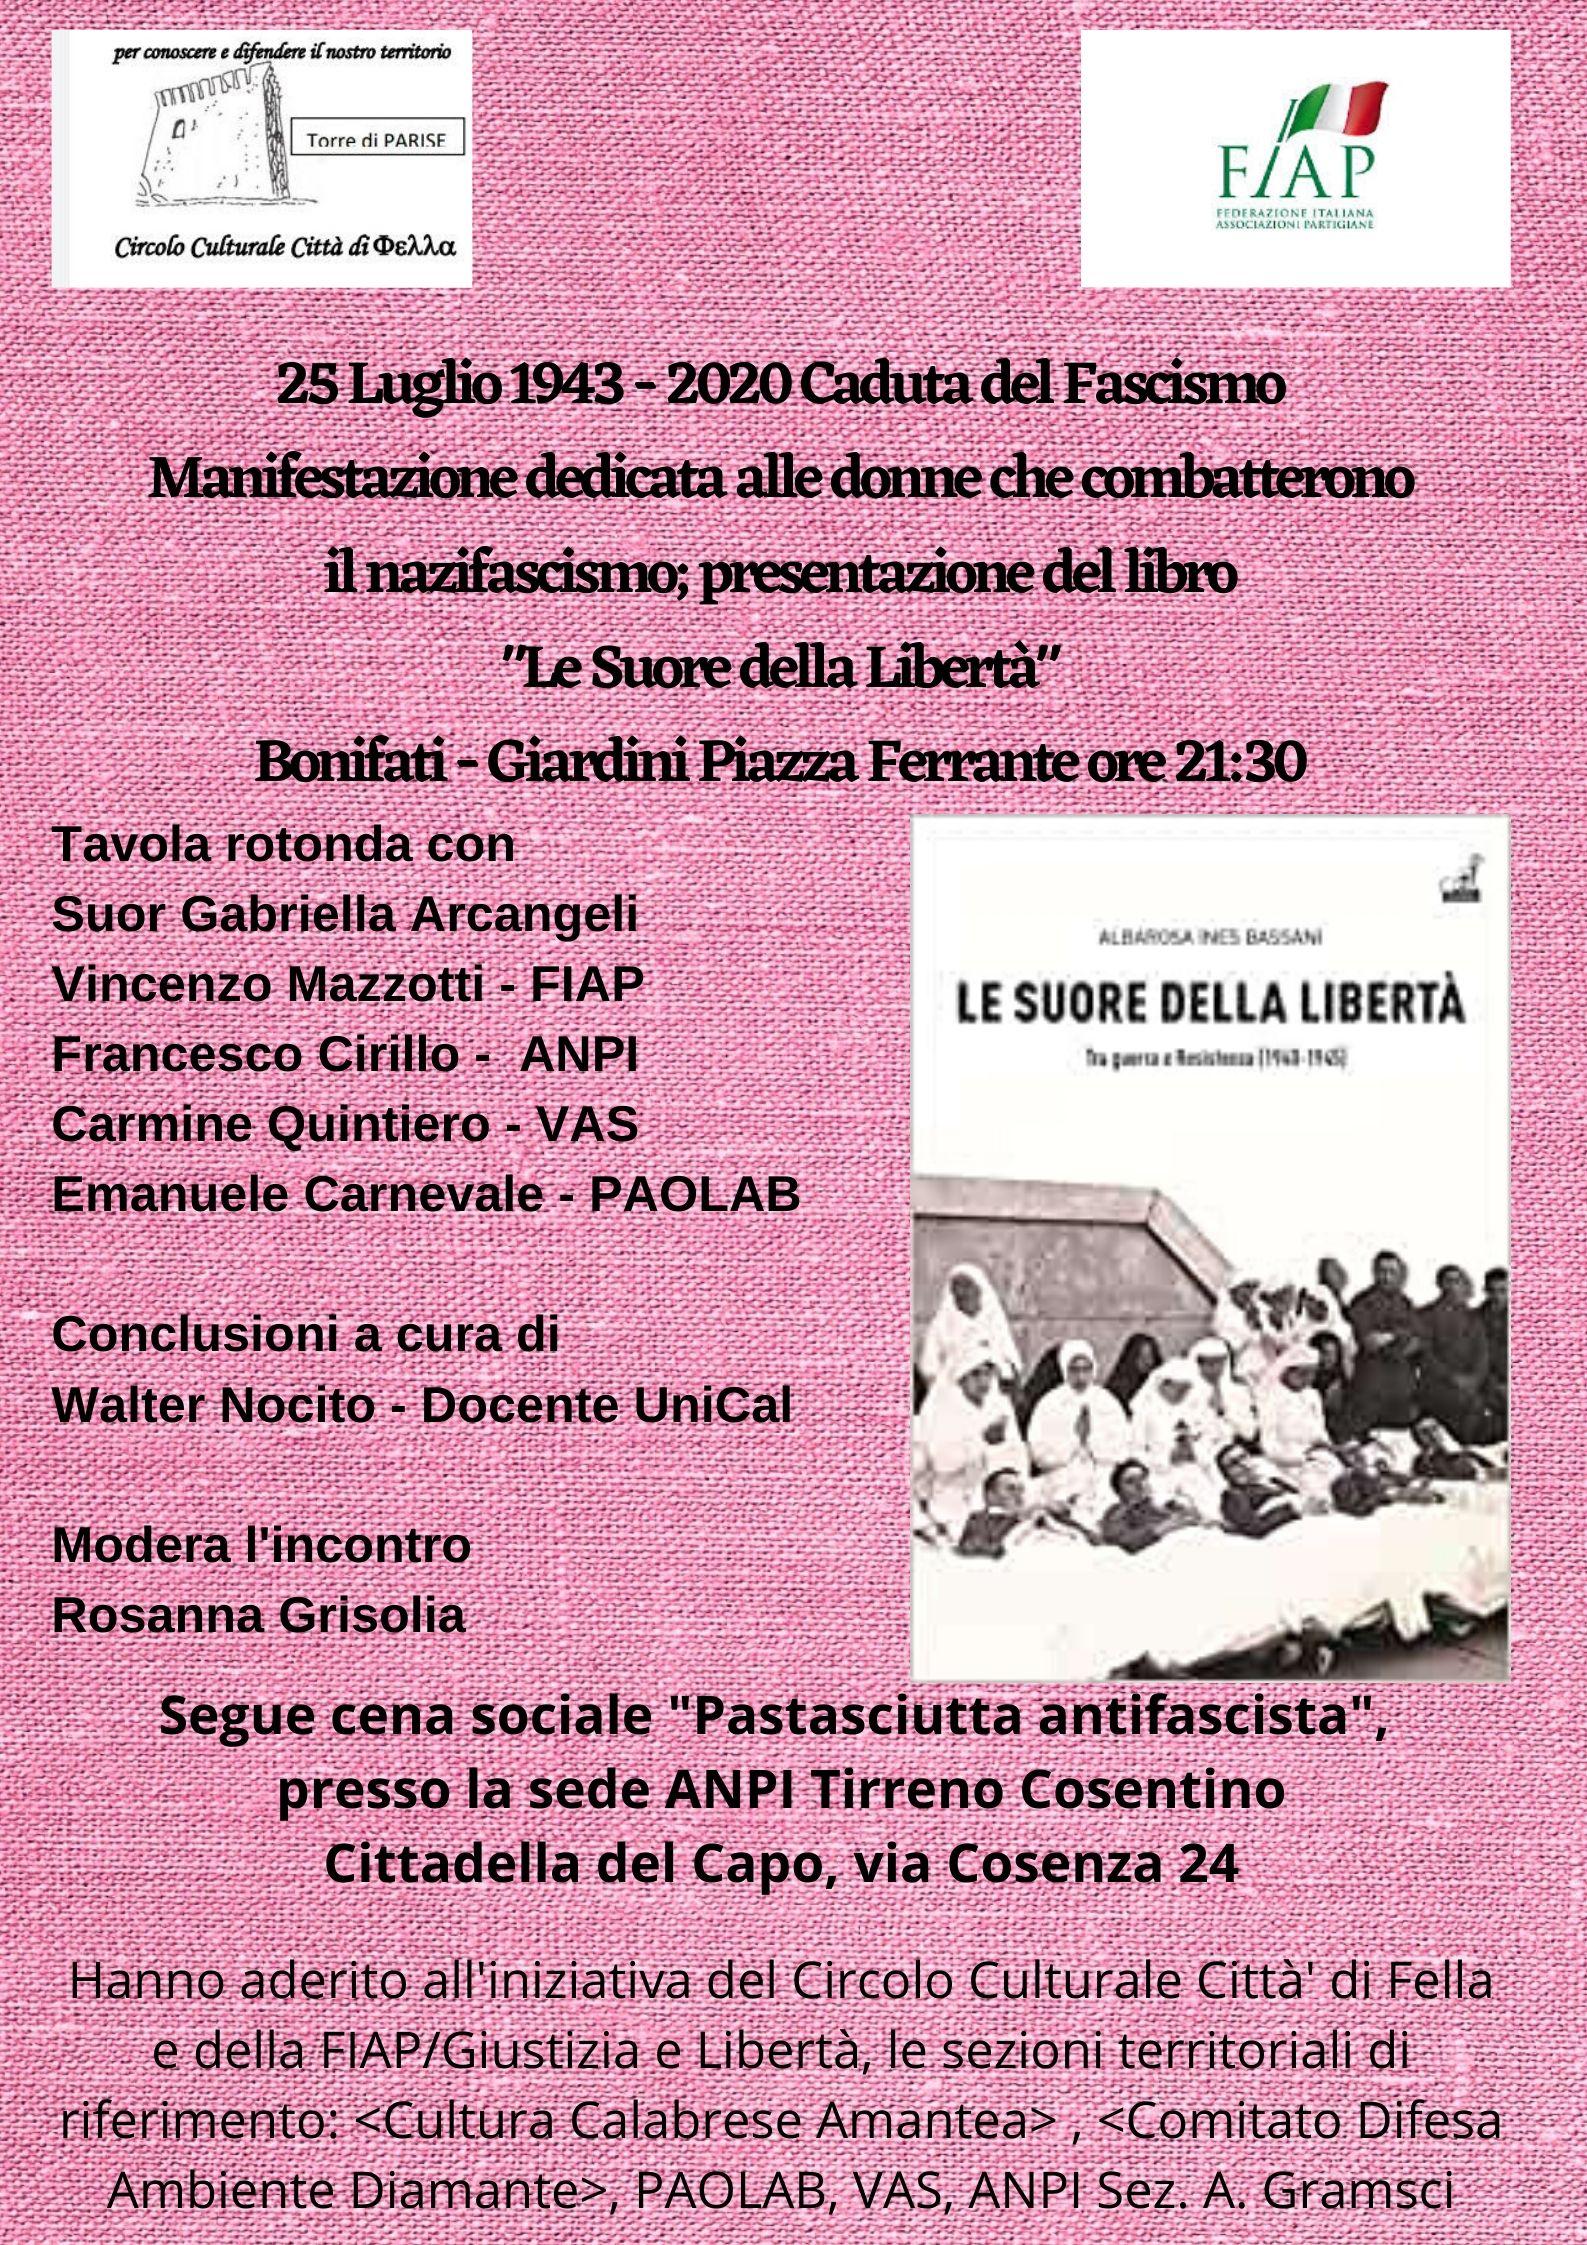 25 Luglio 1943 - 2020 Manifestazione dedicata alle donne che combatterono il nazifascismo